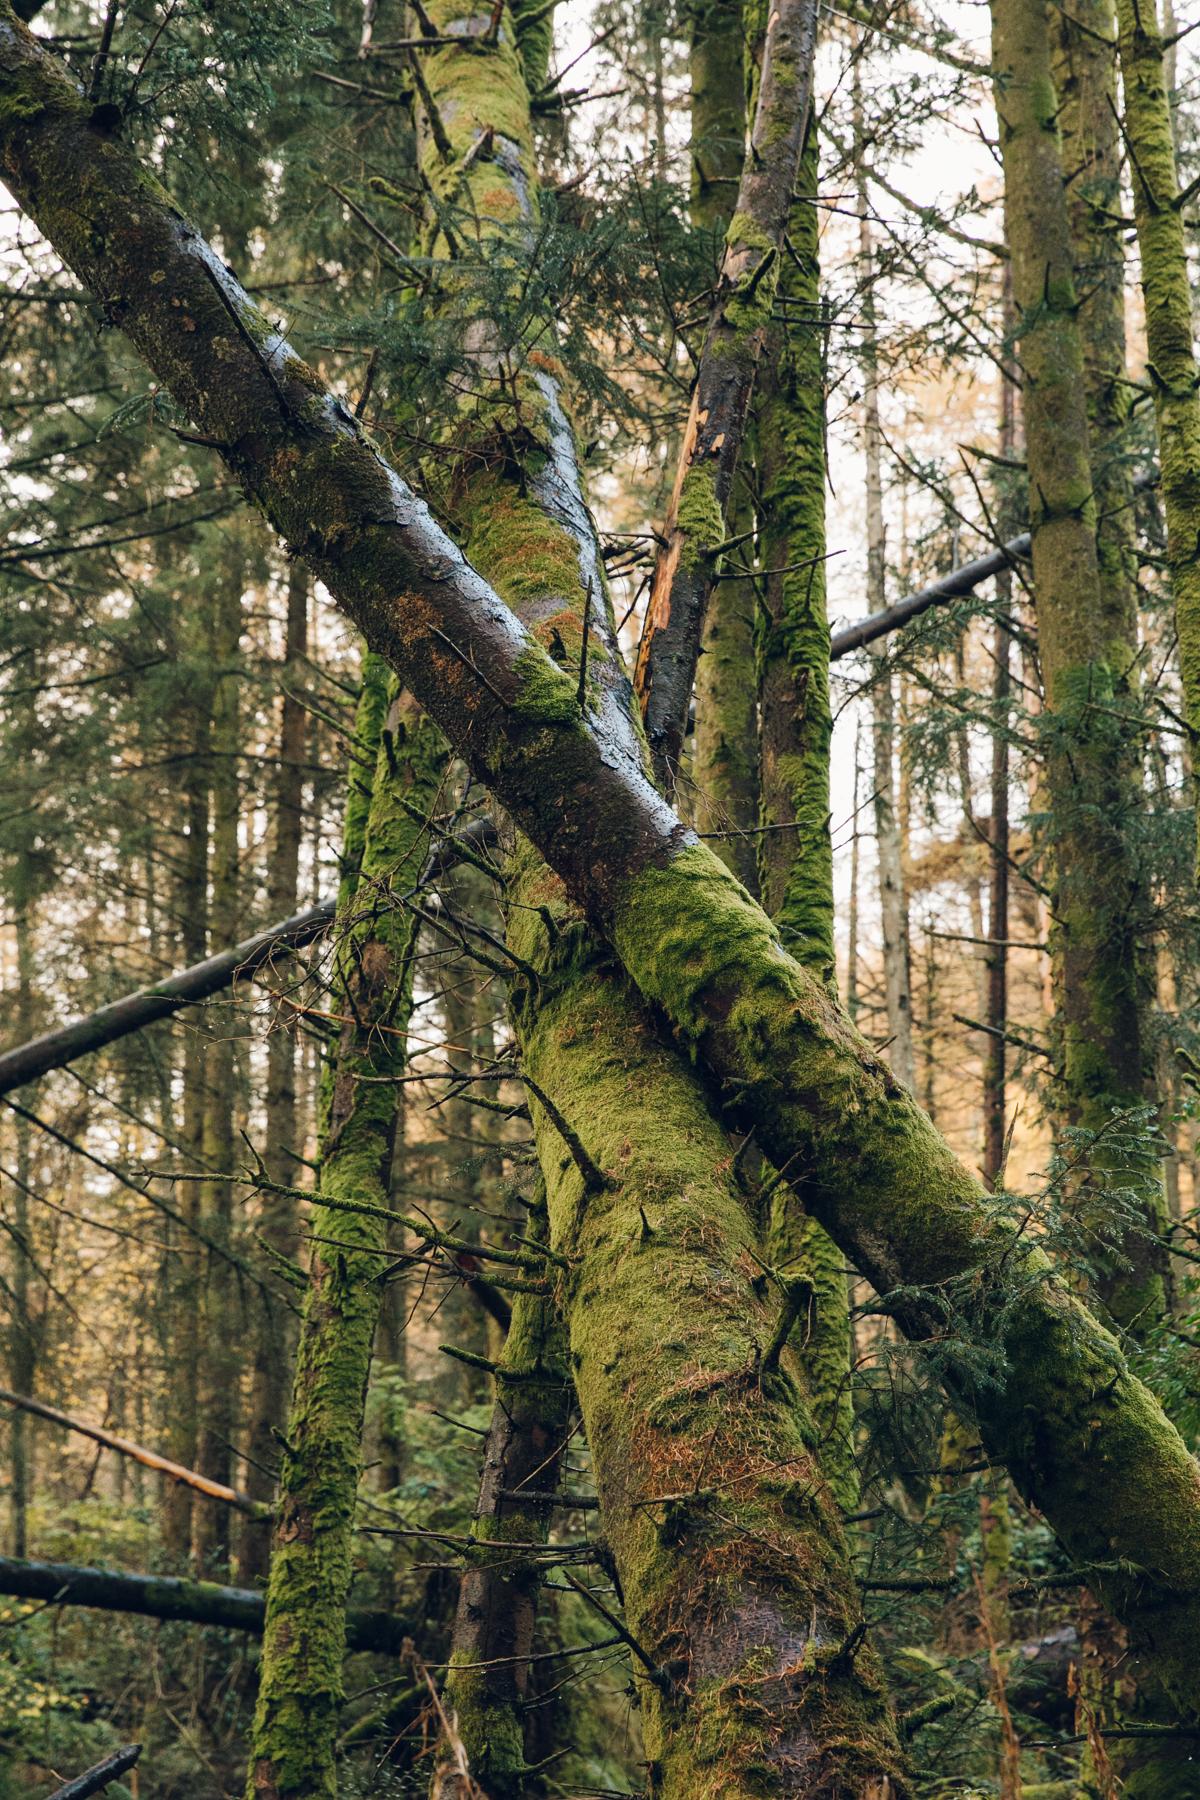 Fallen trees in the woods.